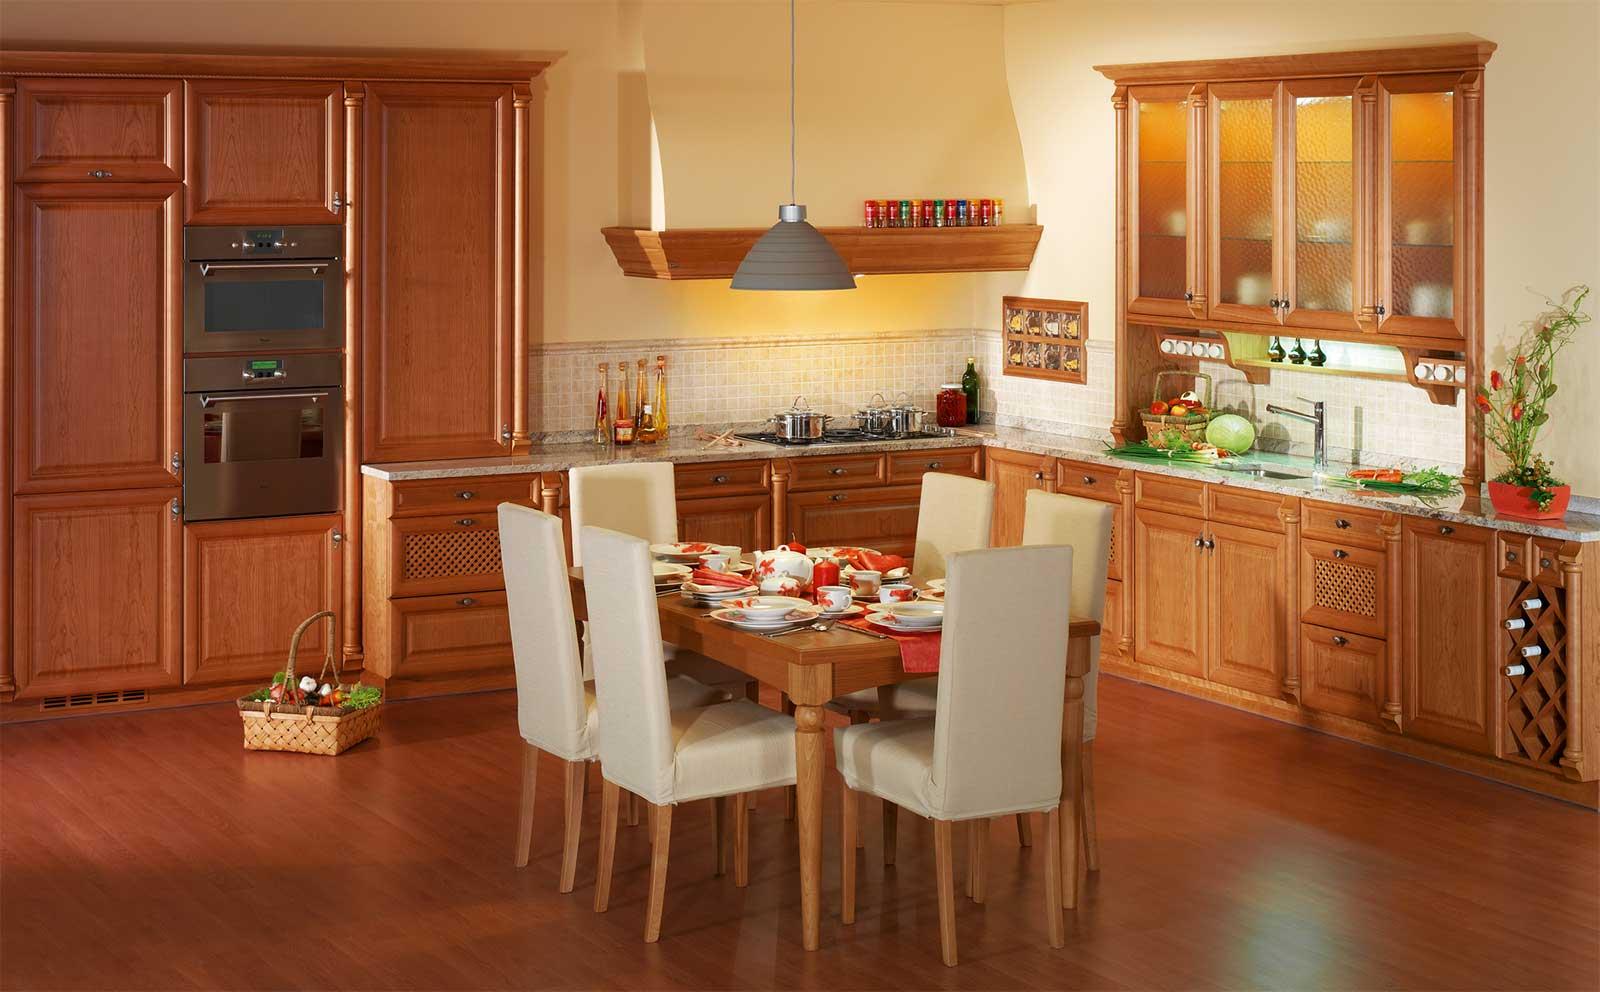 Обеденная зона в кухне интерьерные штучки.